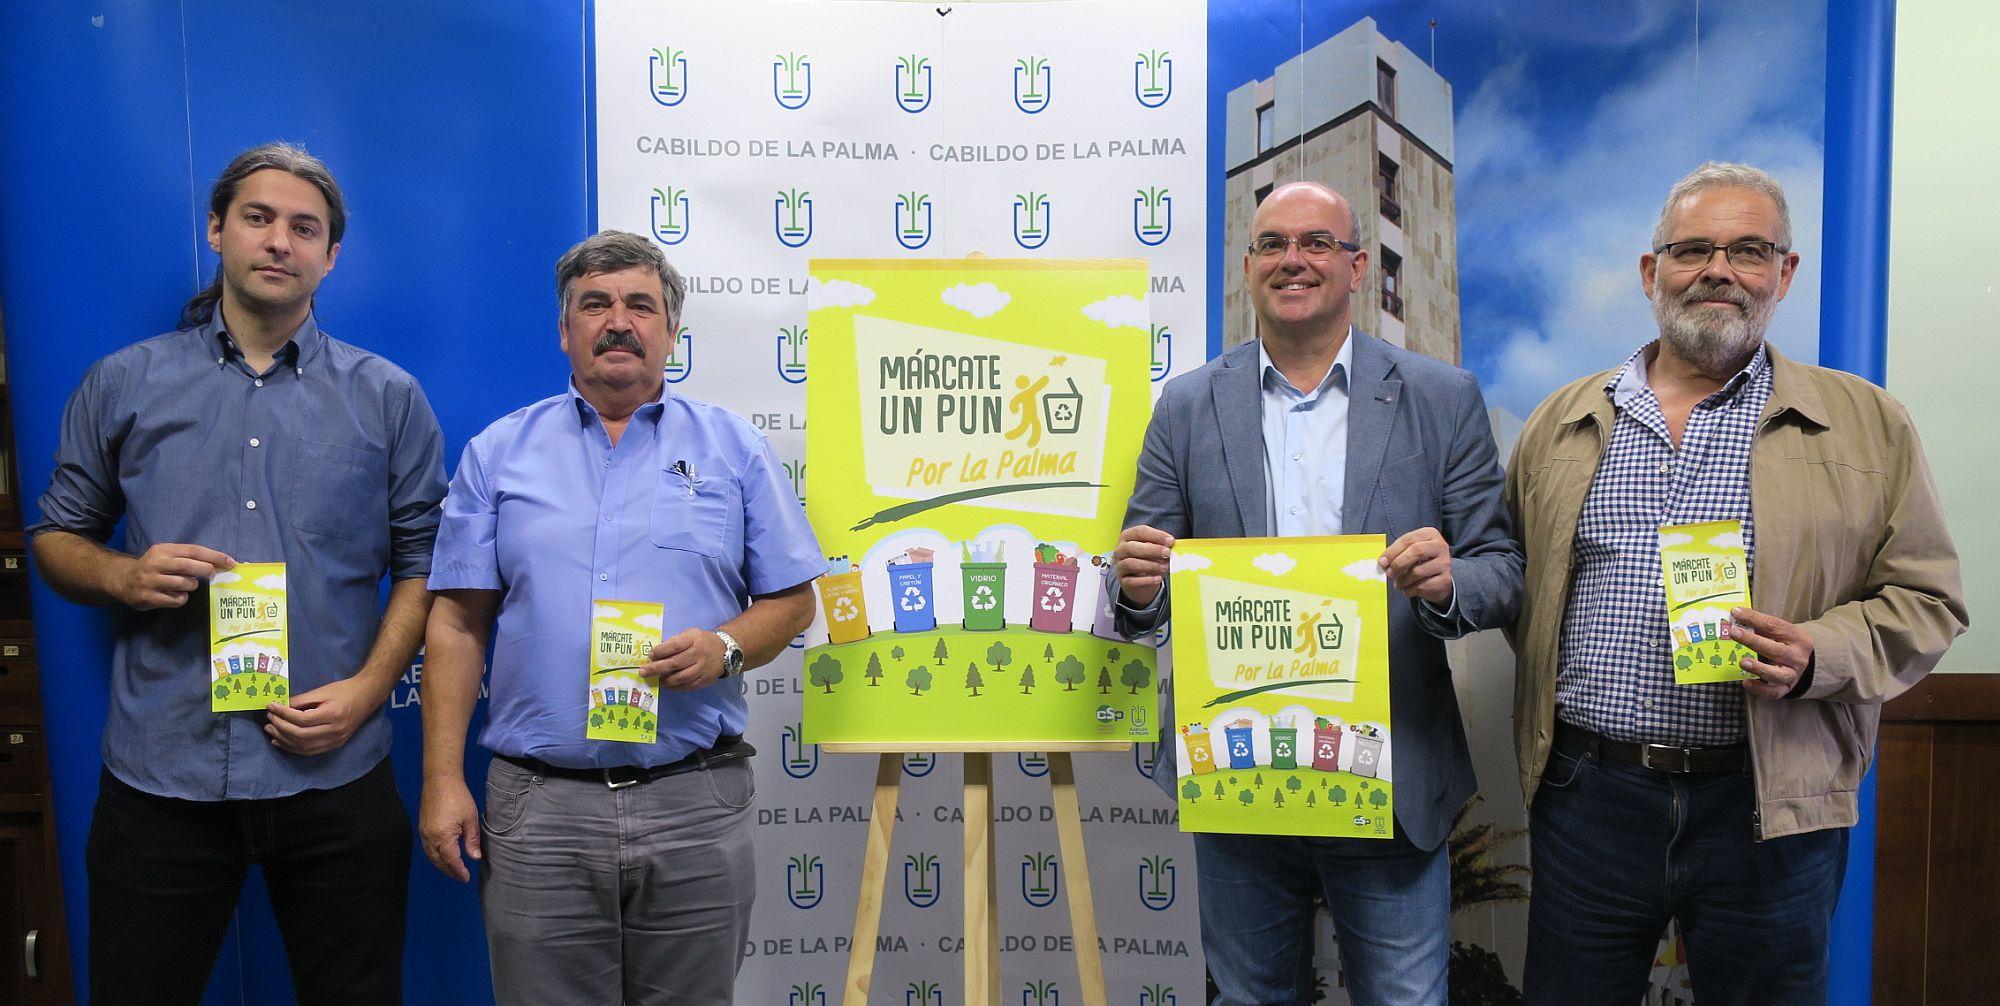 Presentación de la Campaña Márcate un Punto por La Palma.